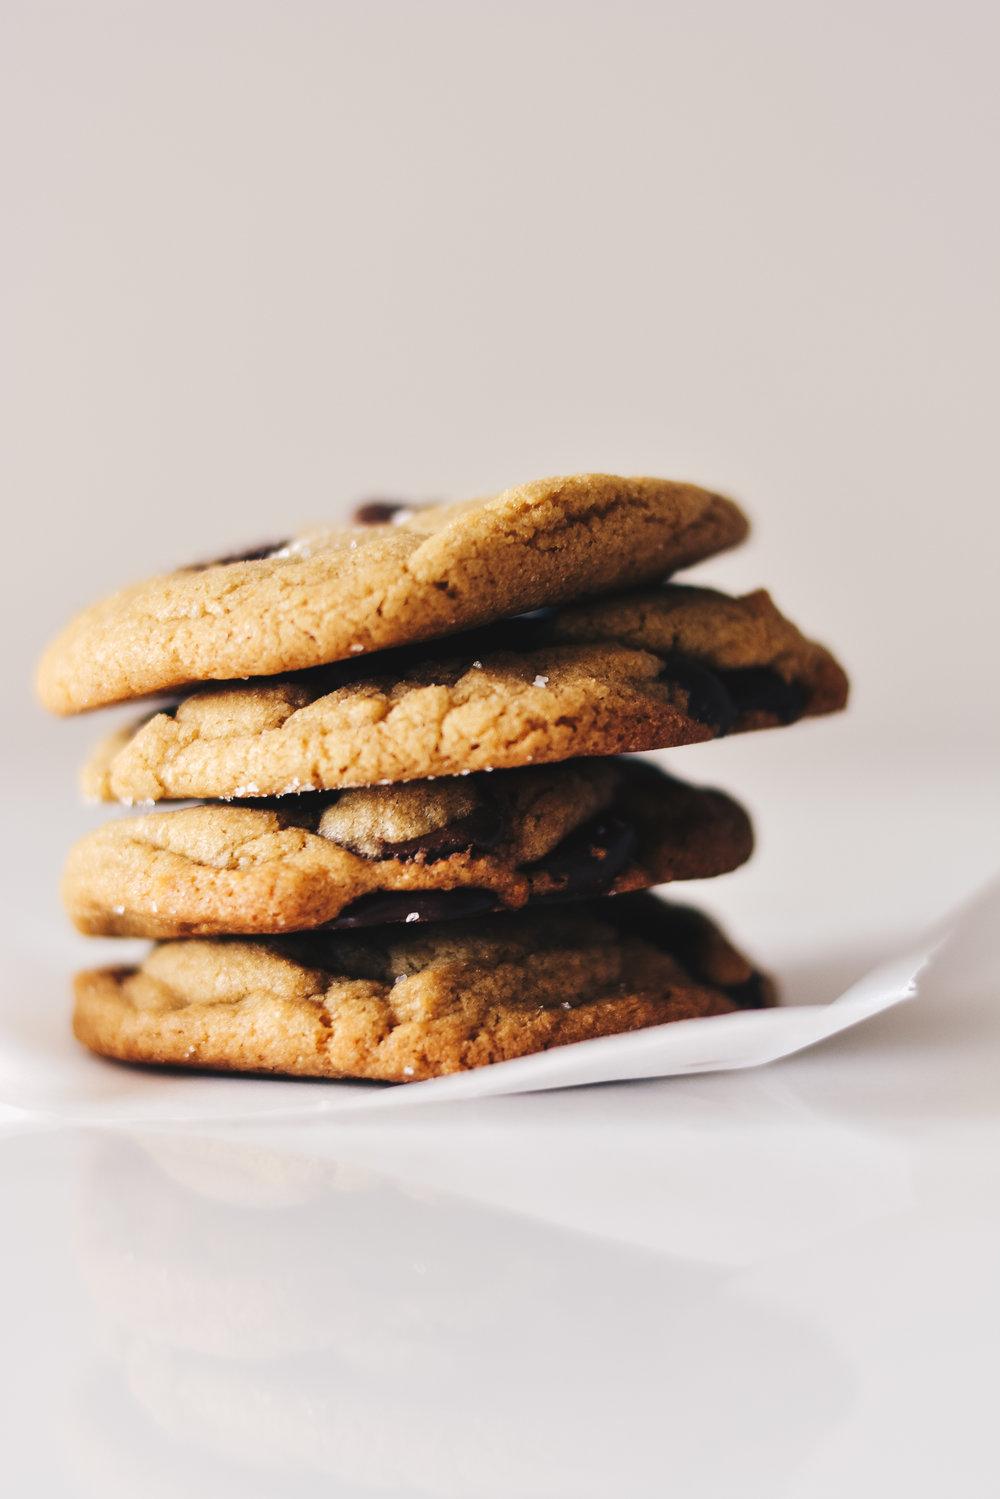 smallbatchchocolatechipcookies-1.jpg